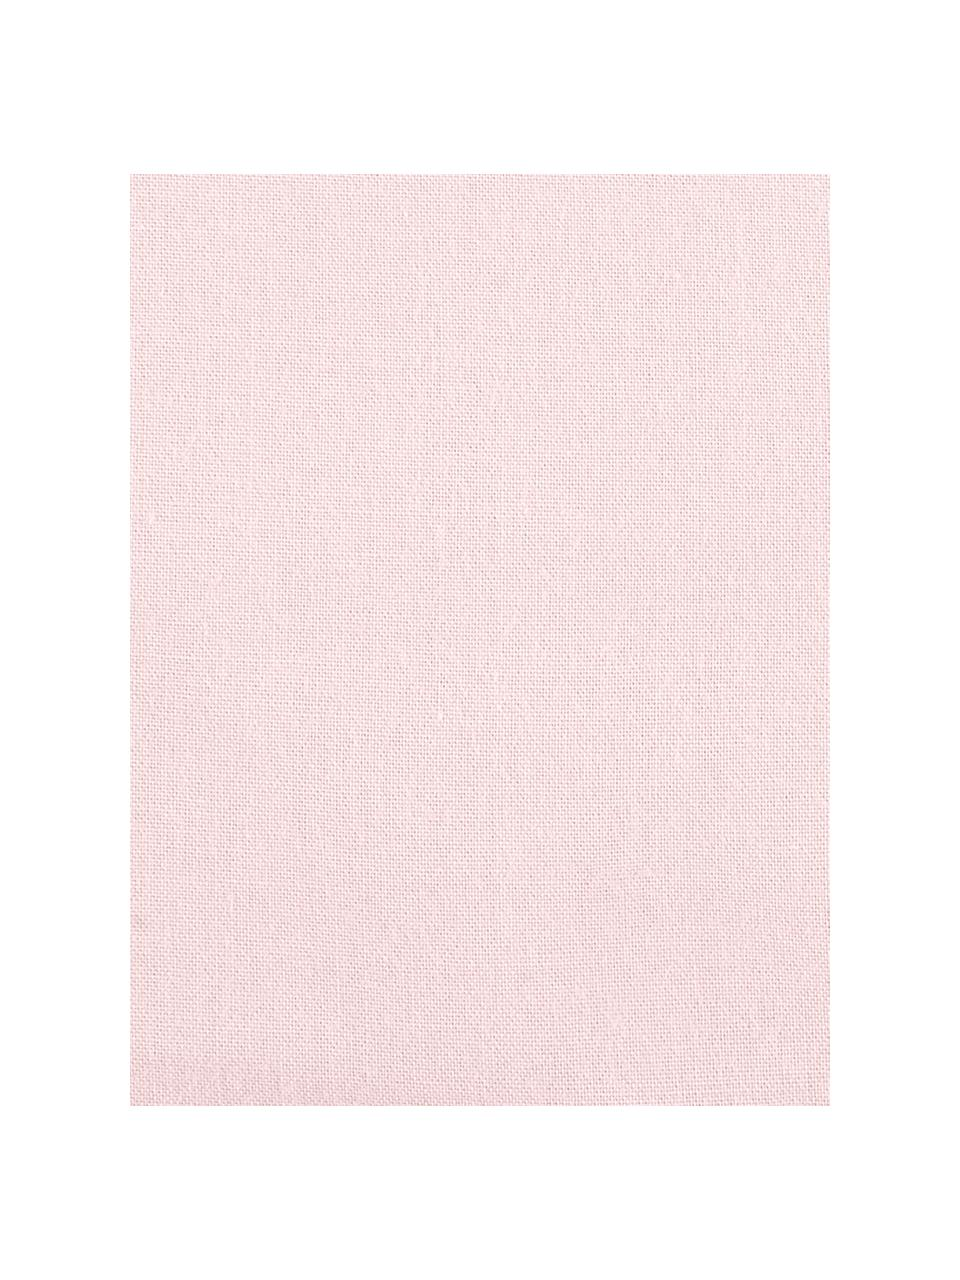 Gewaschene Baumwoll-Bettwäsche Florence mit Rüschen, Webart: Perkal Fadendichte 180 TC, Rosa, 135 x 200 cm + 1 Kissen 80 x 80 cm